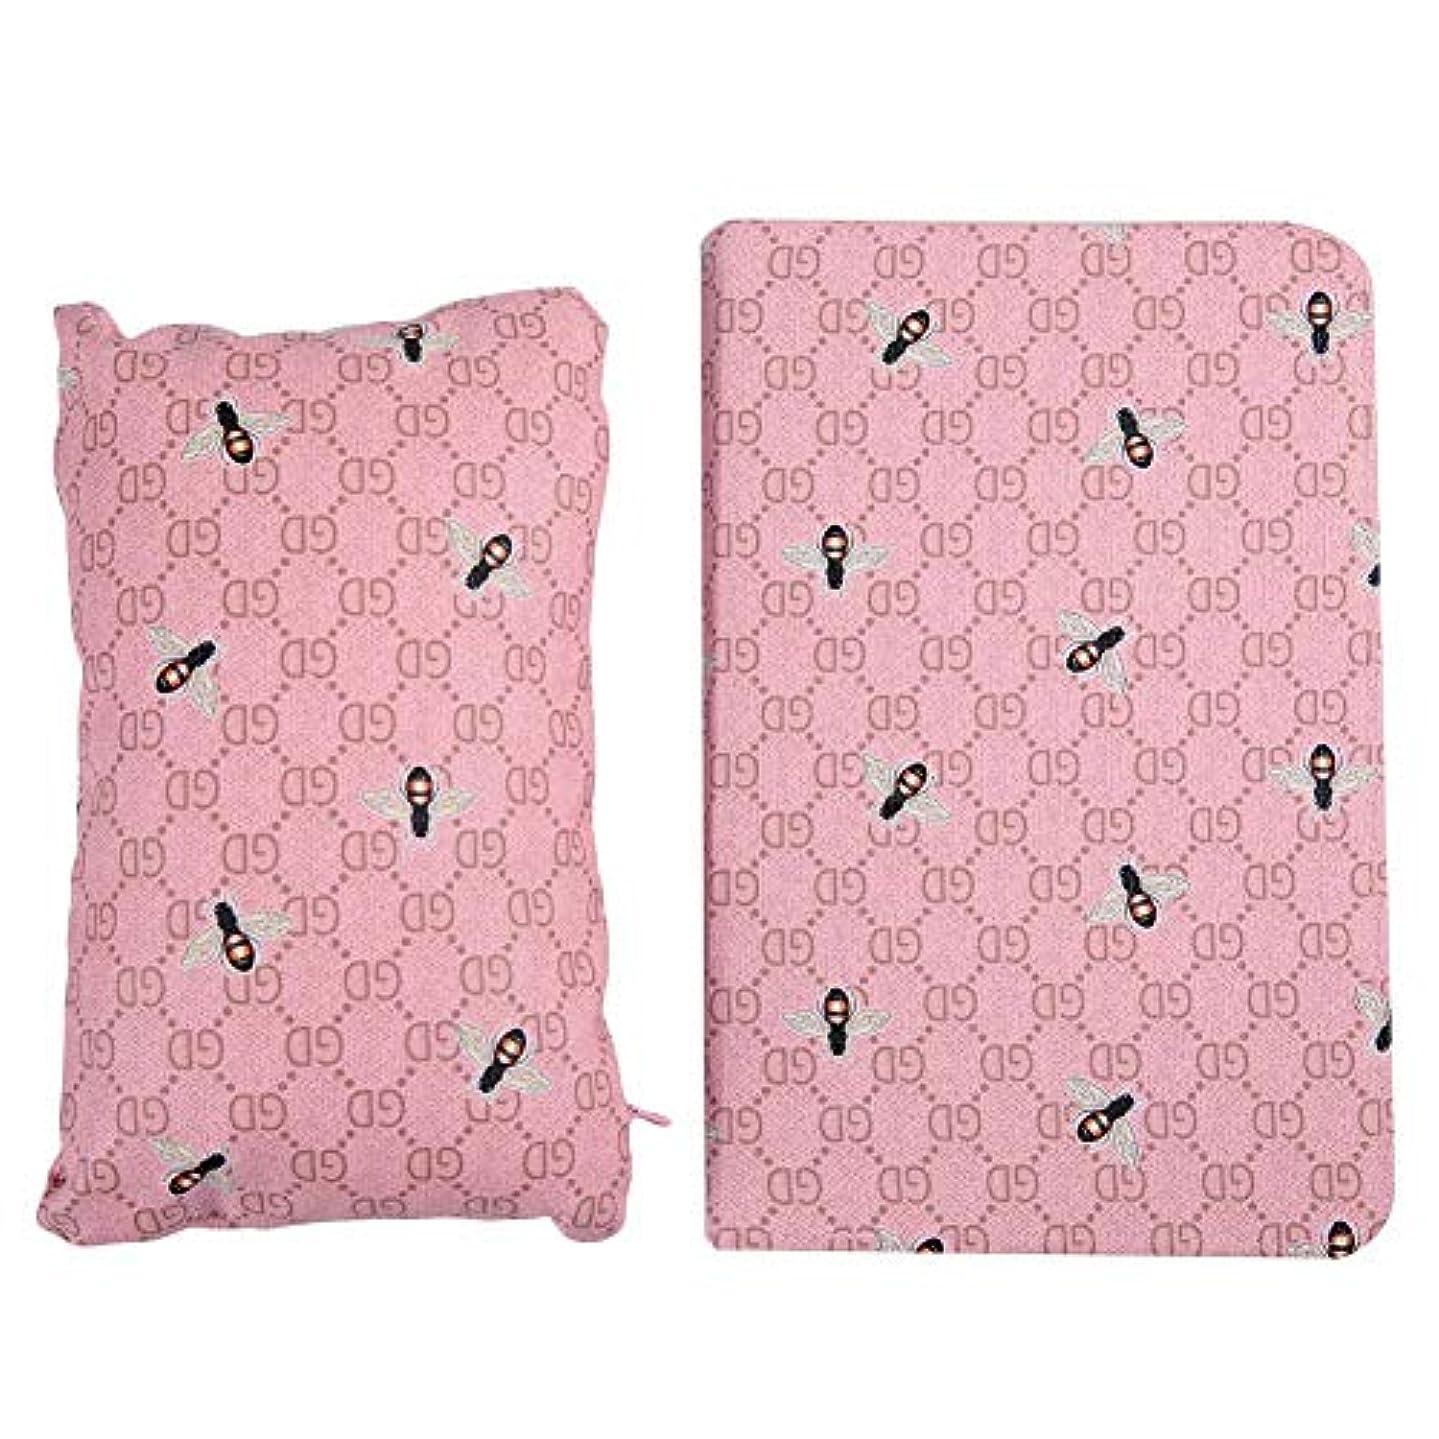 増幅後方シャーハンドピローパッドマットクッションアームレストネイルツールセット(ピンクの蜂)